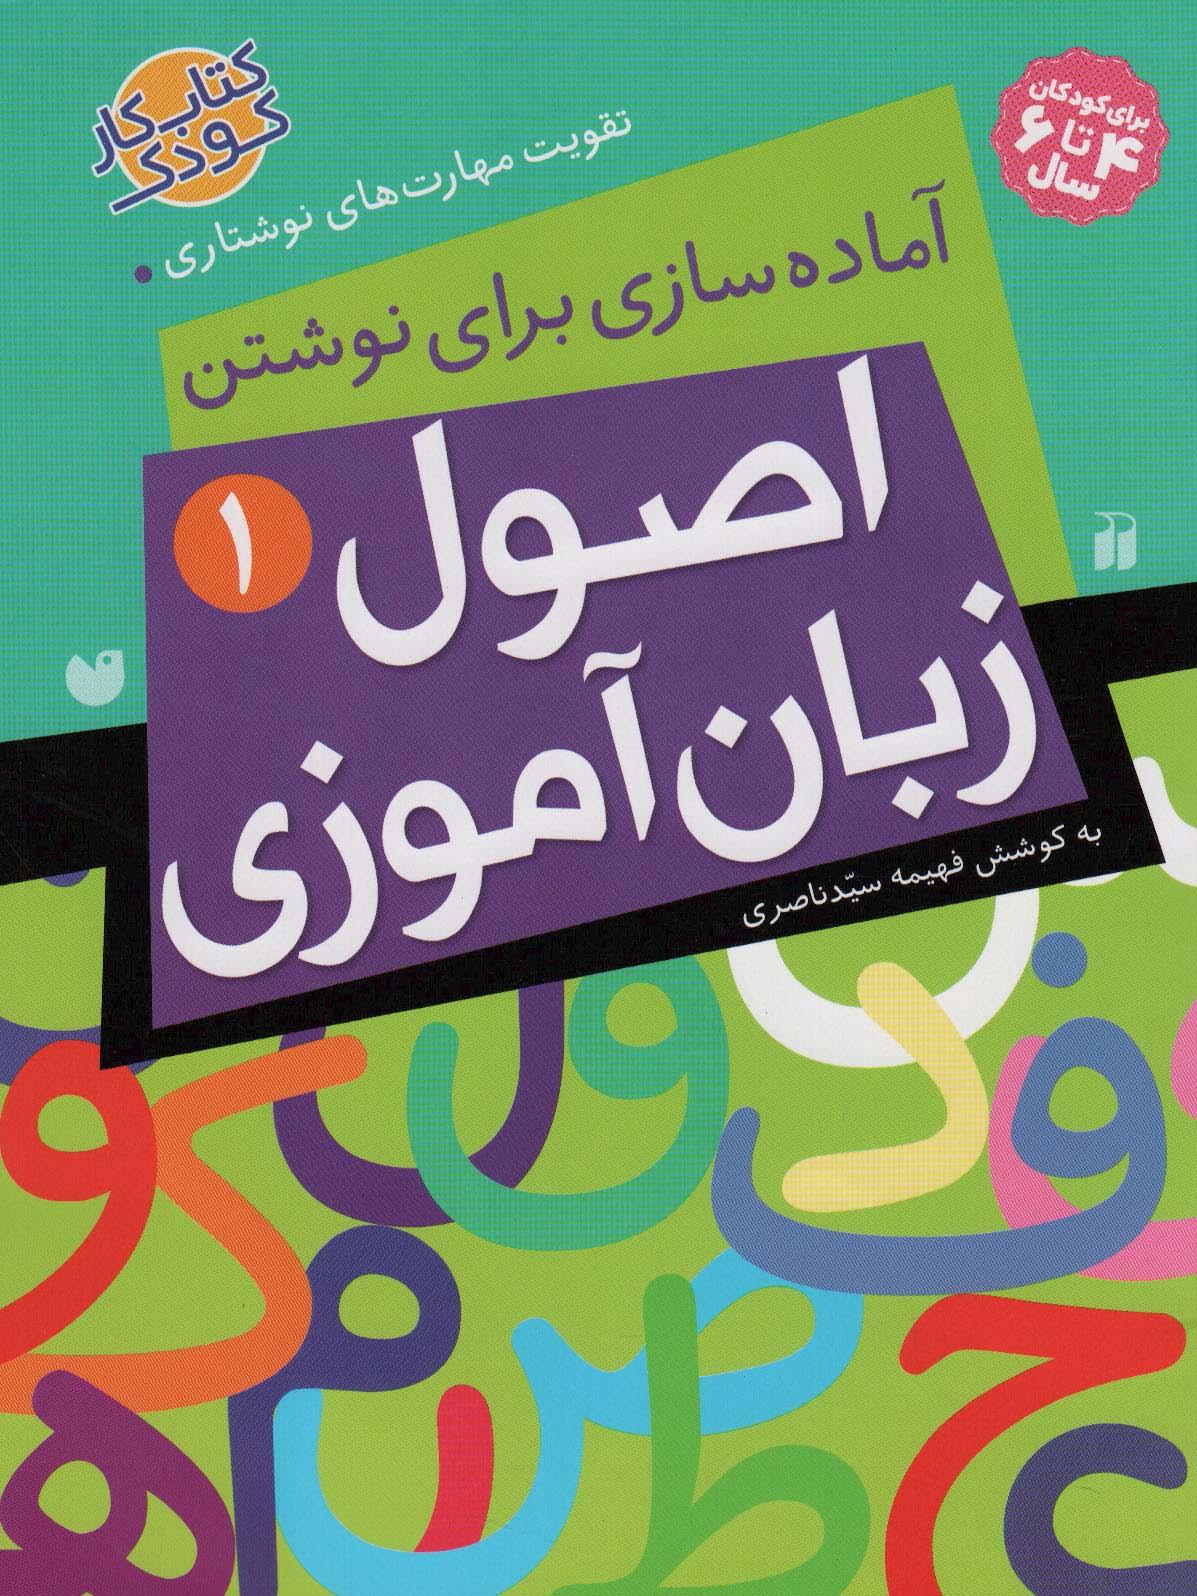 اصول زبان آموزی 1 (آماده سازی برای نوشتن،تقویت مهارت های نوشتاری)